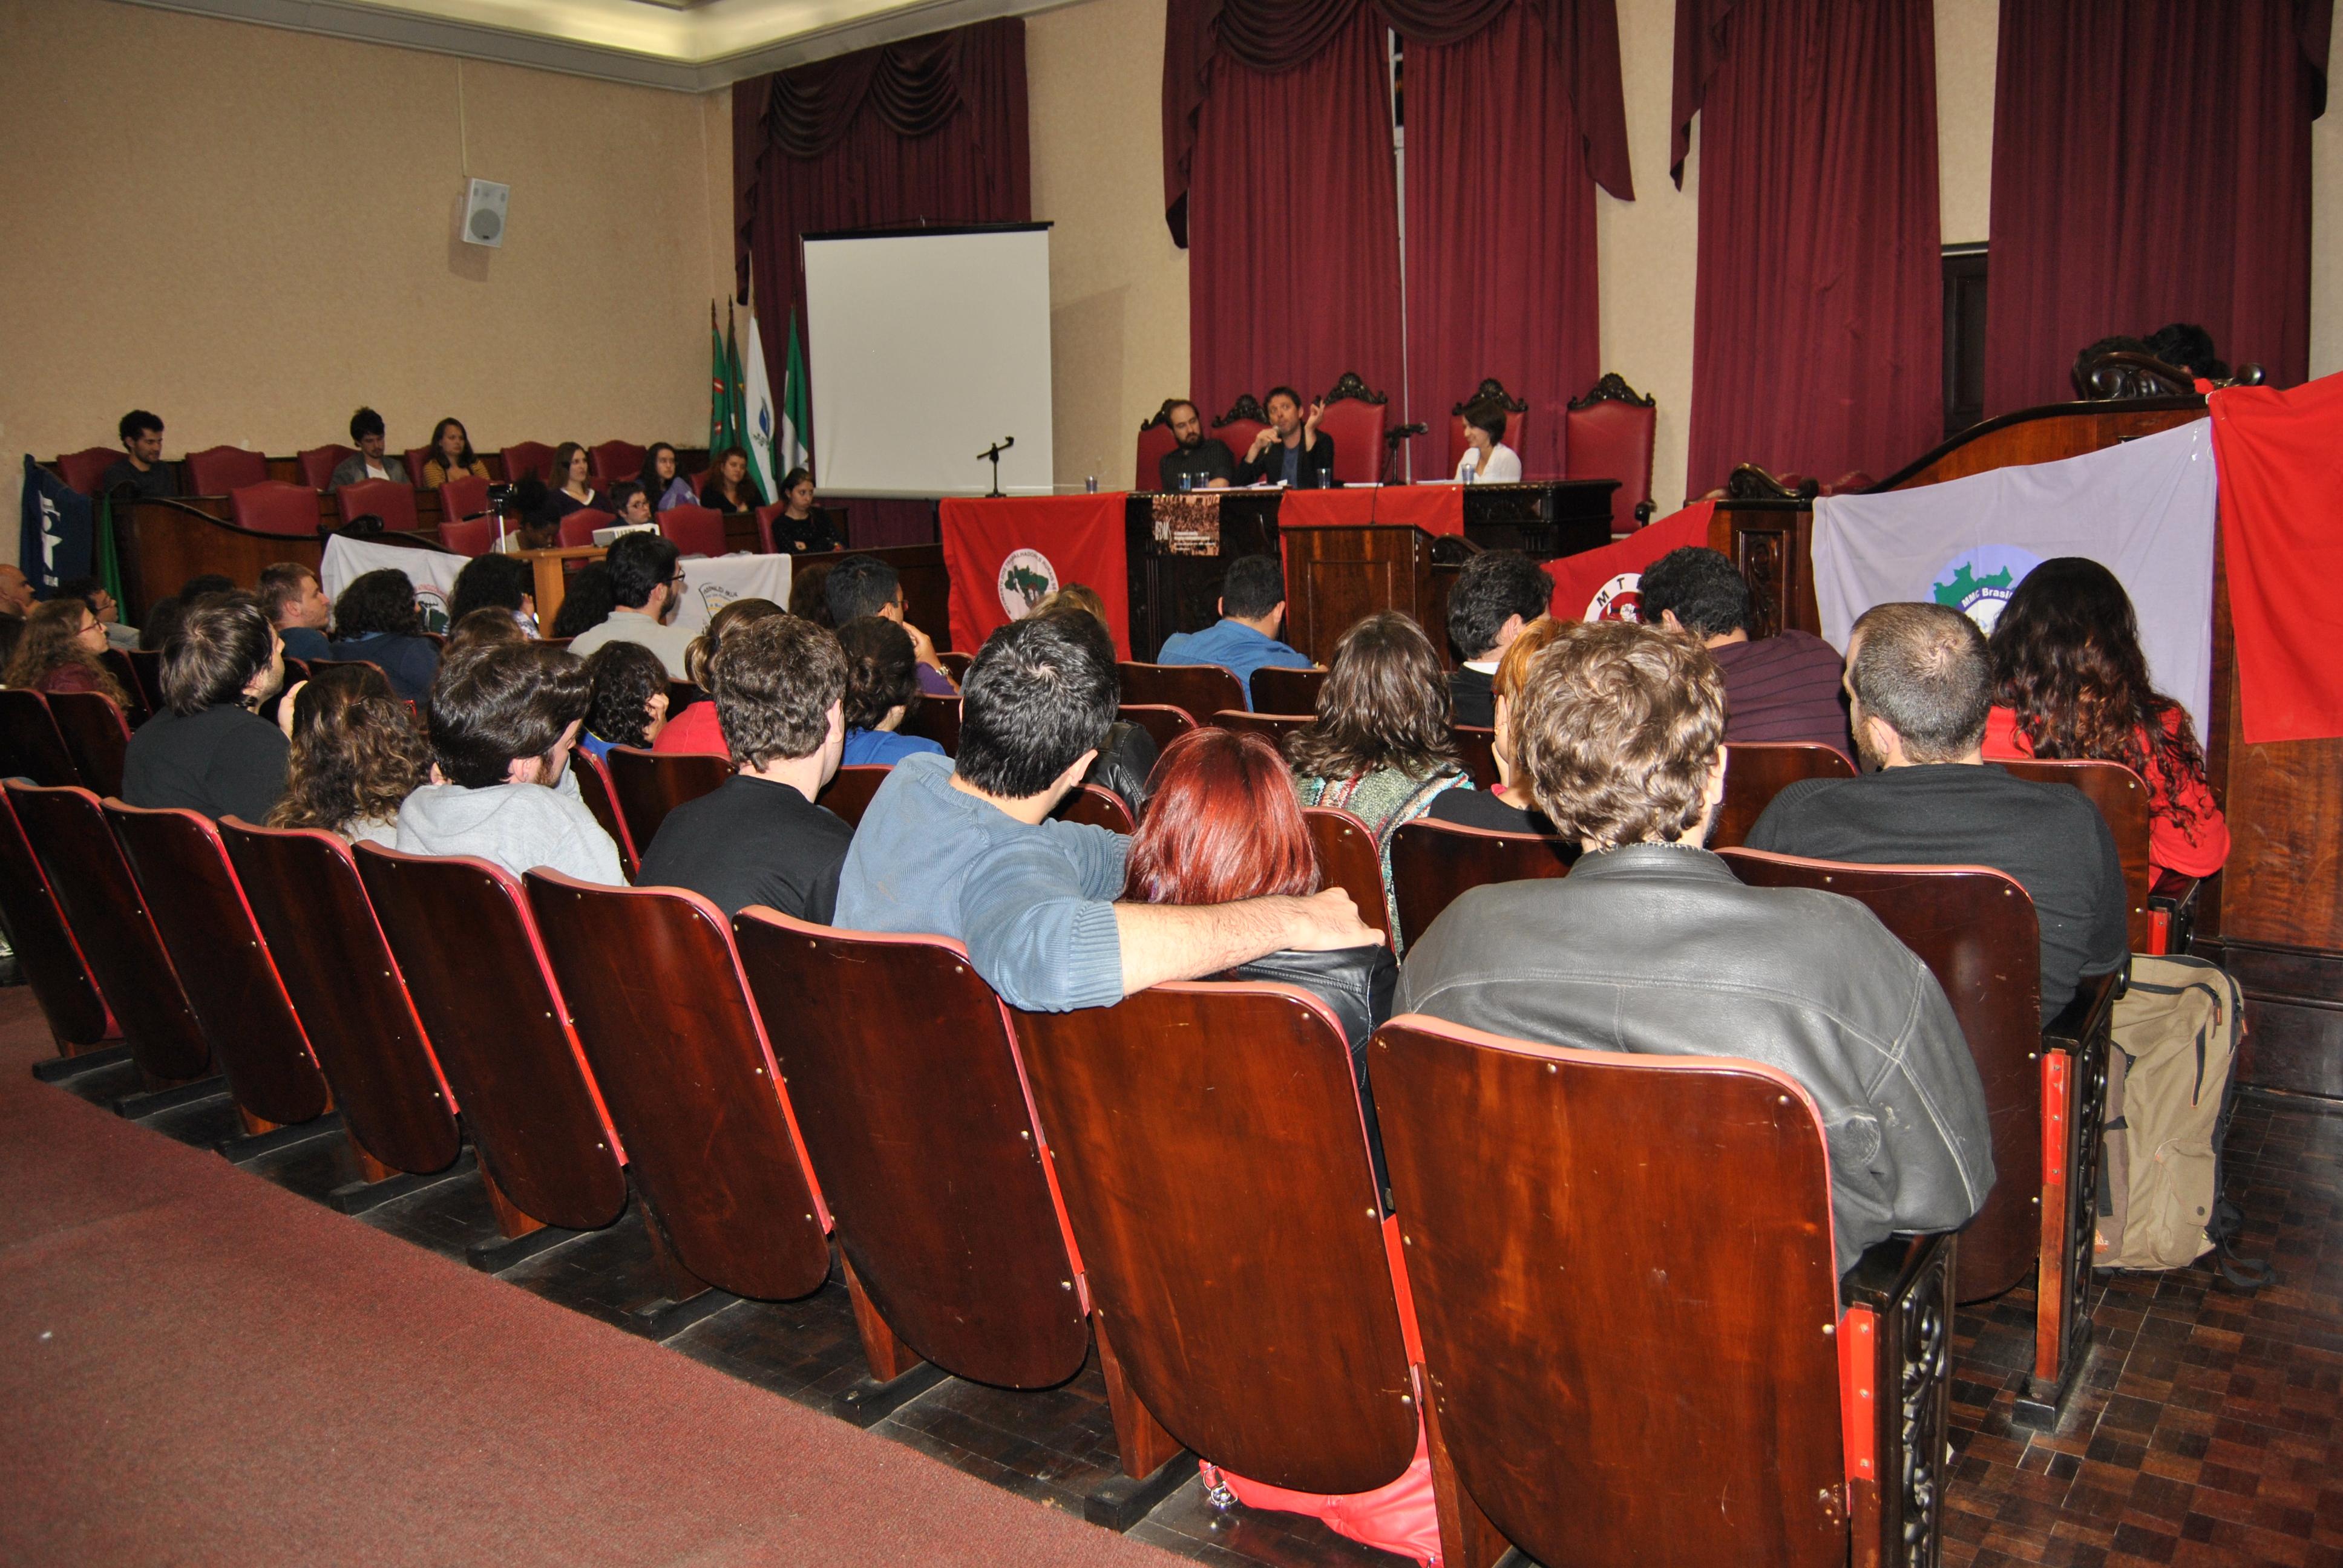 Movimentos sociais estão educando e conscientizando o sistema jurídico brasileiro